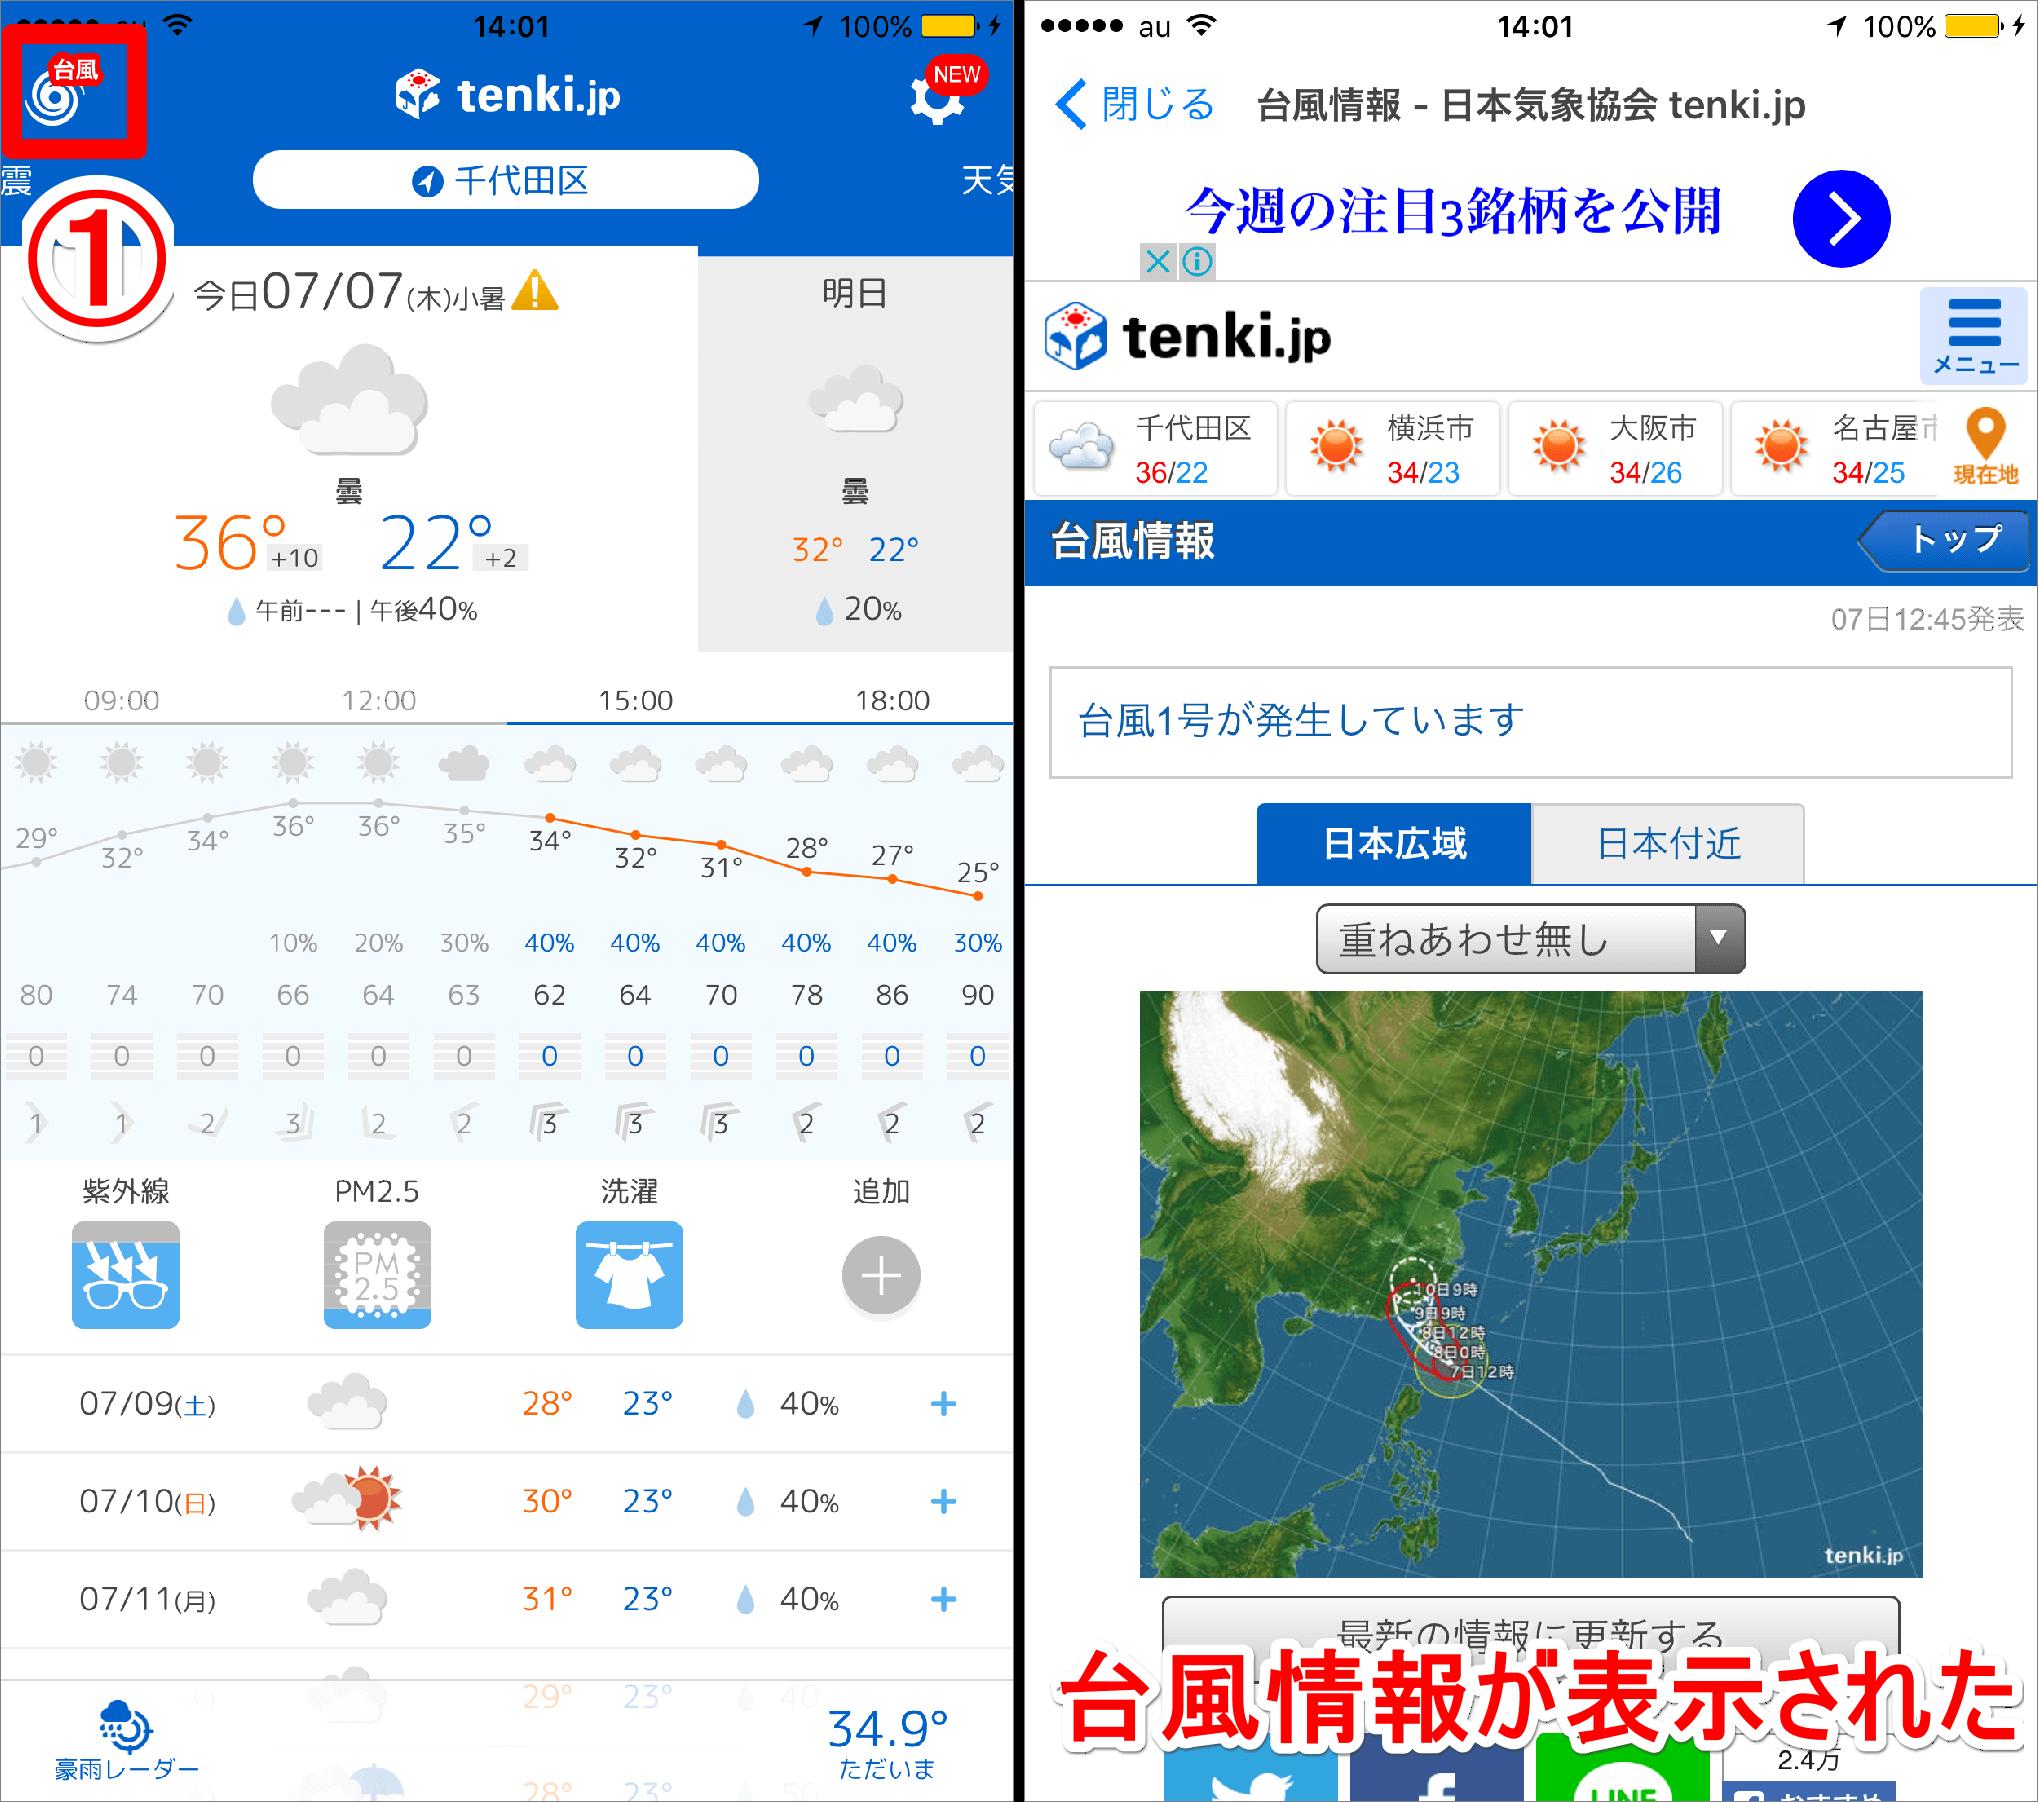 tenki.jpアプリの画面